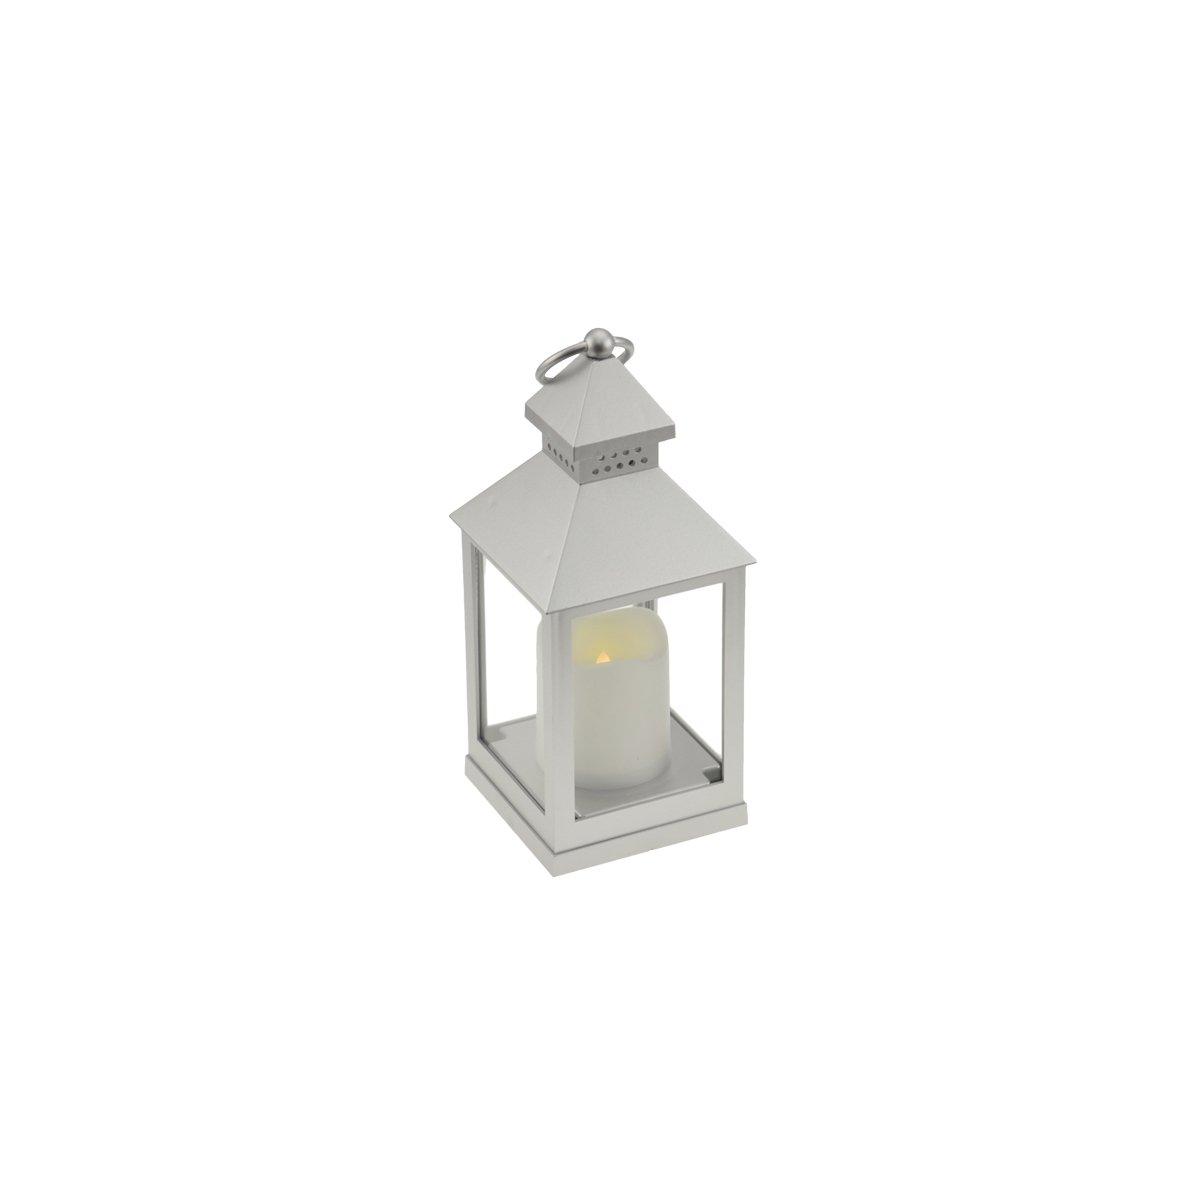 Incidenza Paris 12764/Lanterna LED plastica bianco 10/x 10/x 24/cm